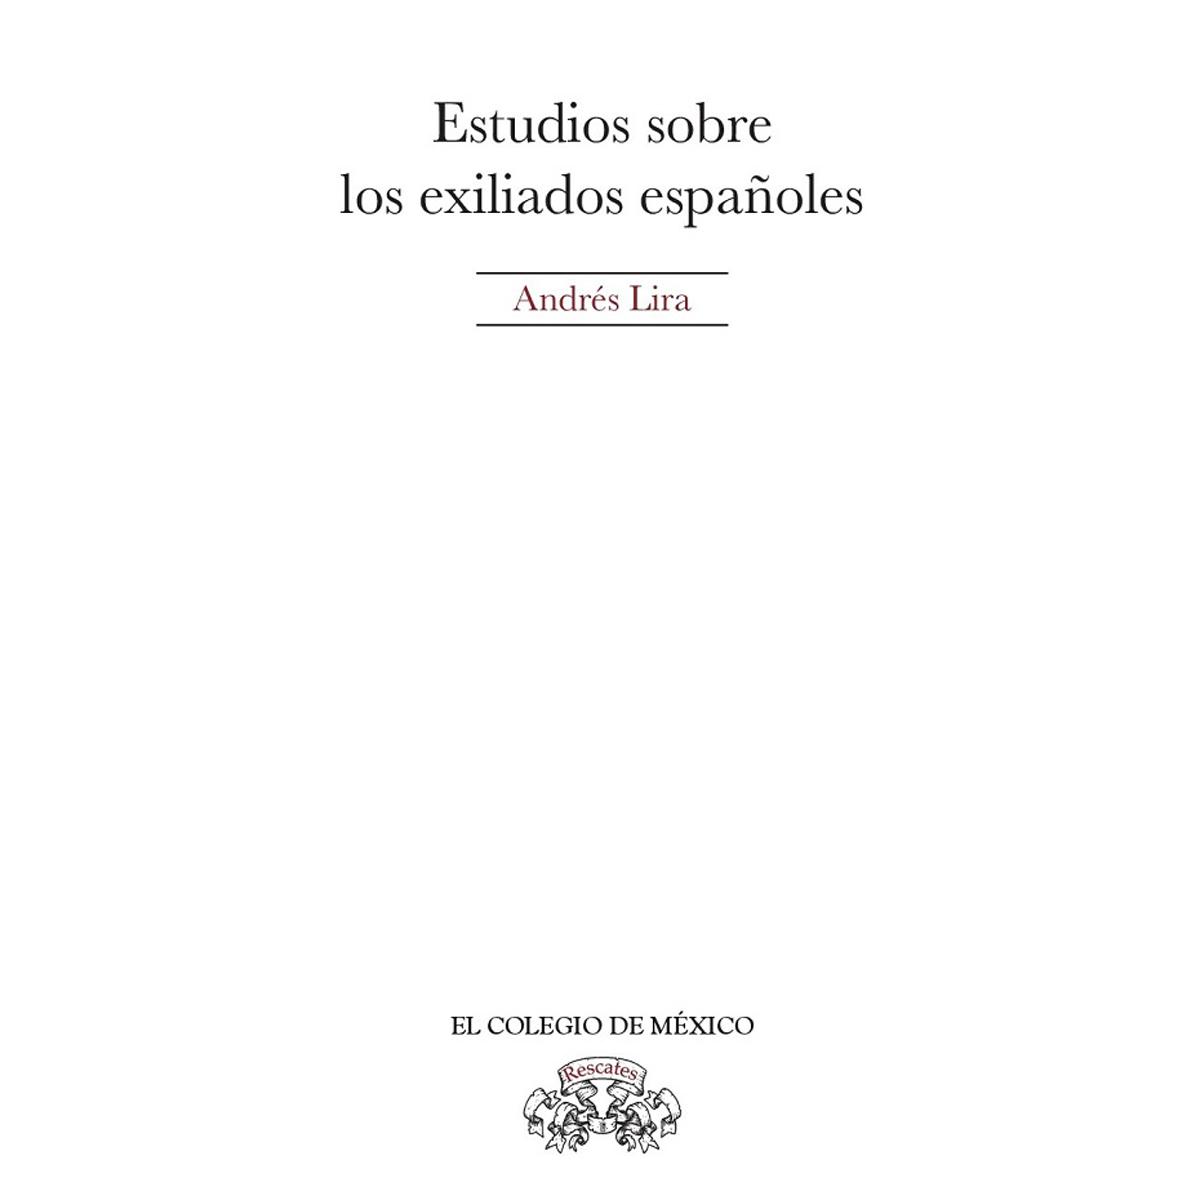 Estudios sobre los exiliados españoles